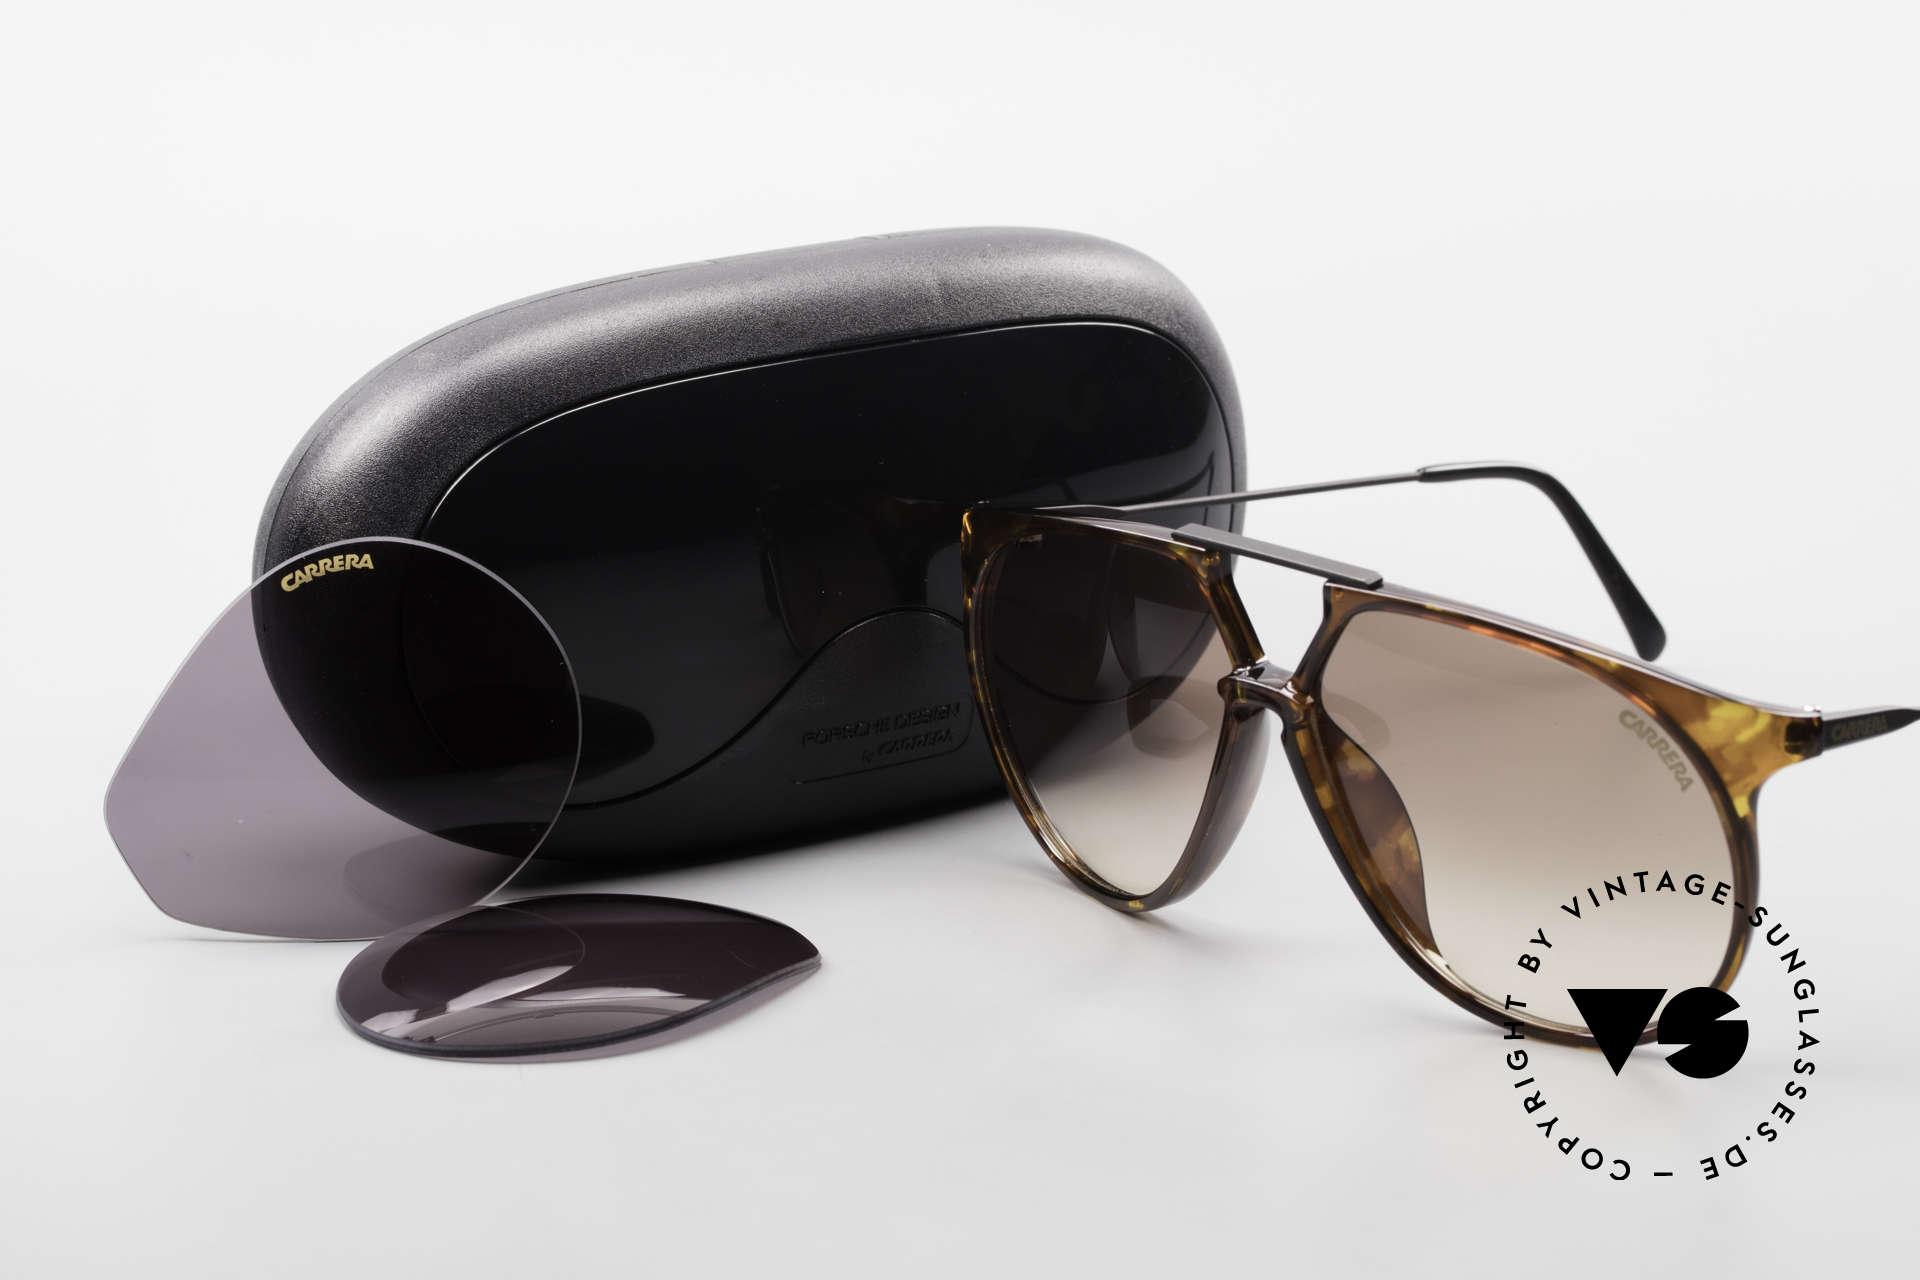 Carrera 5415 80s Sonnenbrille 2 Paar Gläser, Größe: large, Passend für Herren